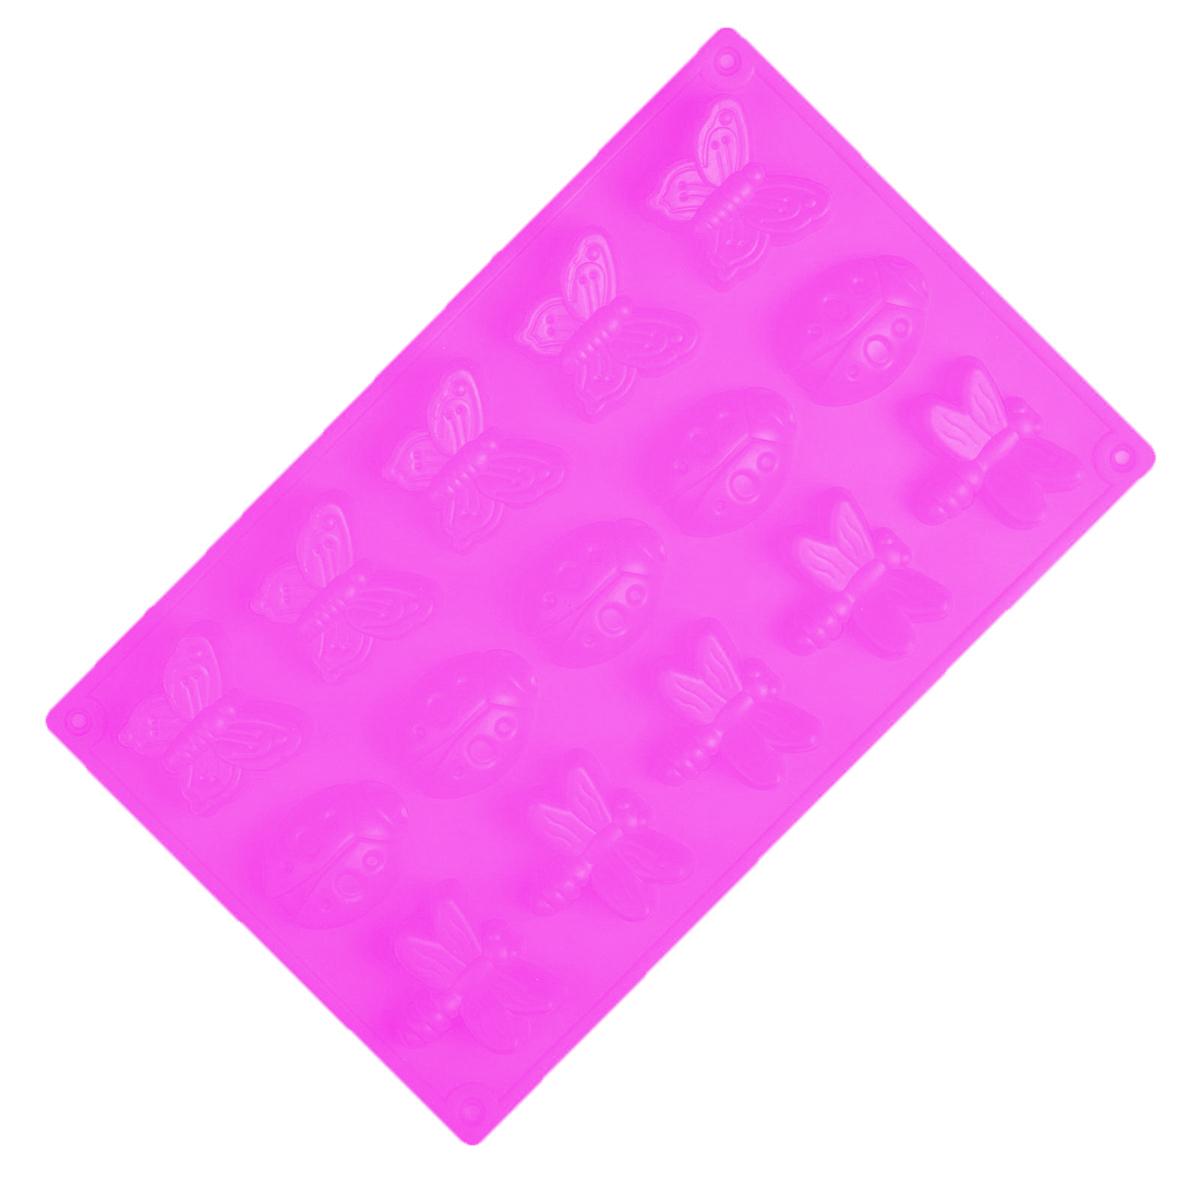 Форма для выпечки Доляна Пыльца, силиконовая, цвет: розовый, 27 х 17 х 2 см, 15 ячеек1057125_розовыйОт качества посуды зависит не только вкус еды, но и здоровье человека. Форма для выпечки — товар, соответствующий российским стандартам качества. Любой хозяйке будет приятно держать его в руках.